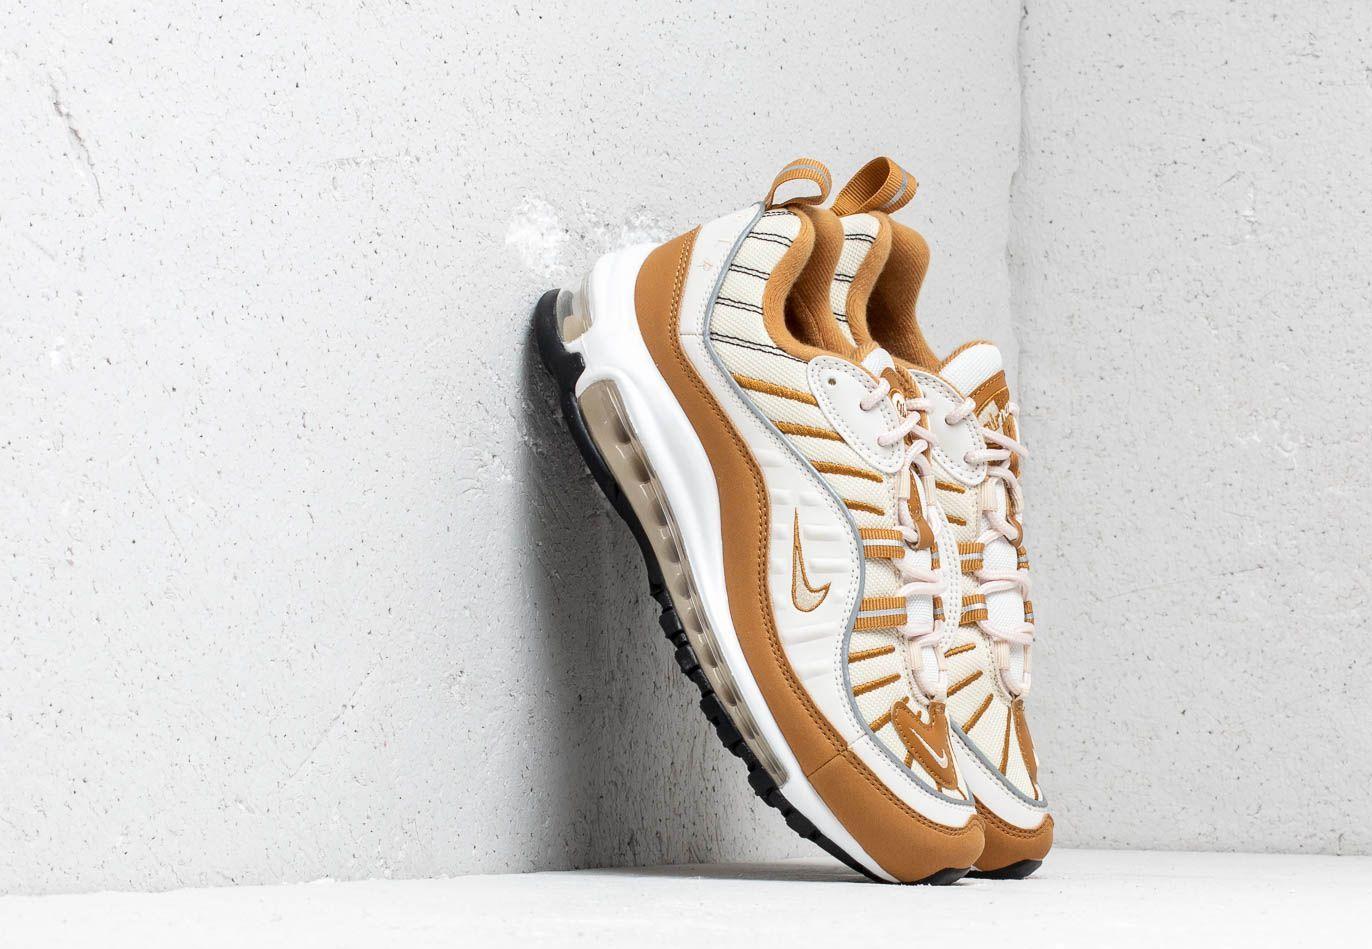 Nike W Air Max 98 Phantom/ Beach-Wheat-Reflect Silver